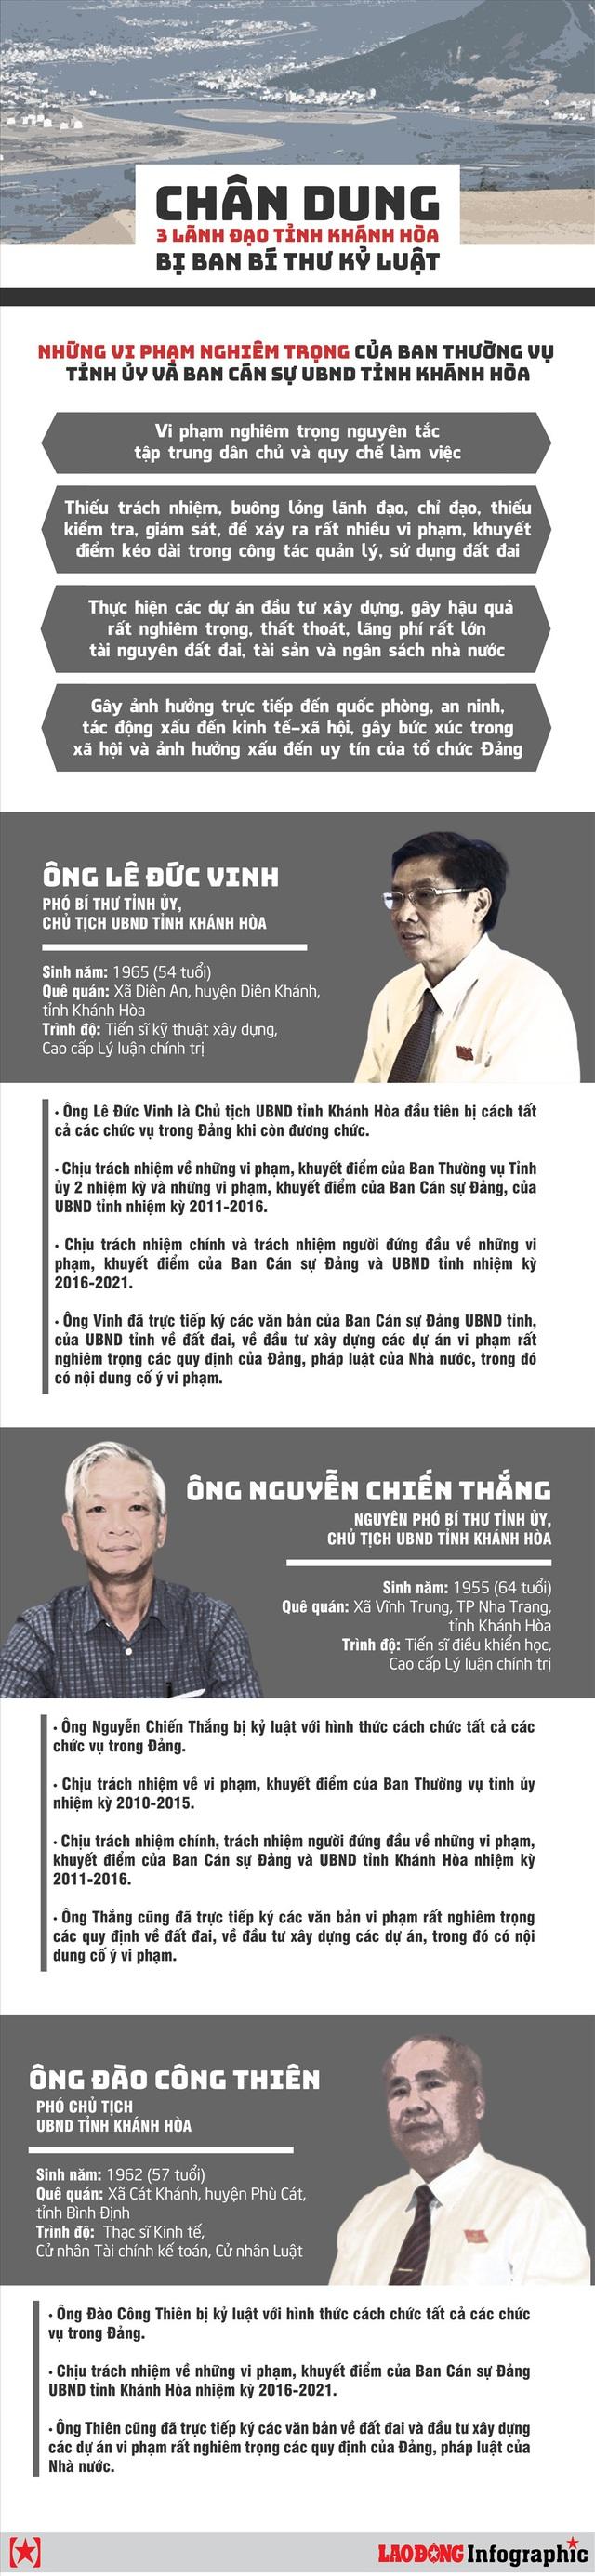 Infographic: Chân dung 3 lãnh đạo tỉnh Khánh Hòa bị Ban Bí thư kỷ luật - Ảnh 1.